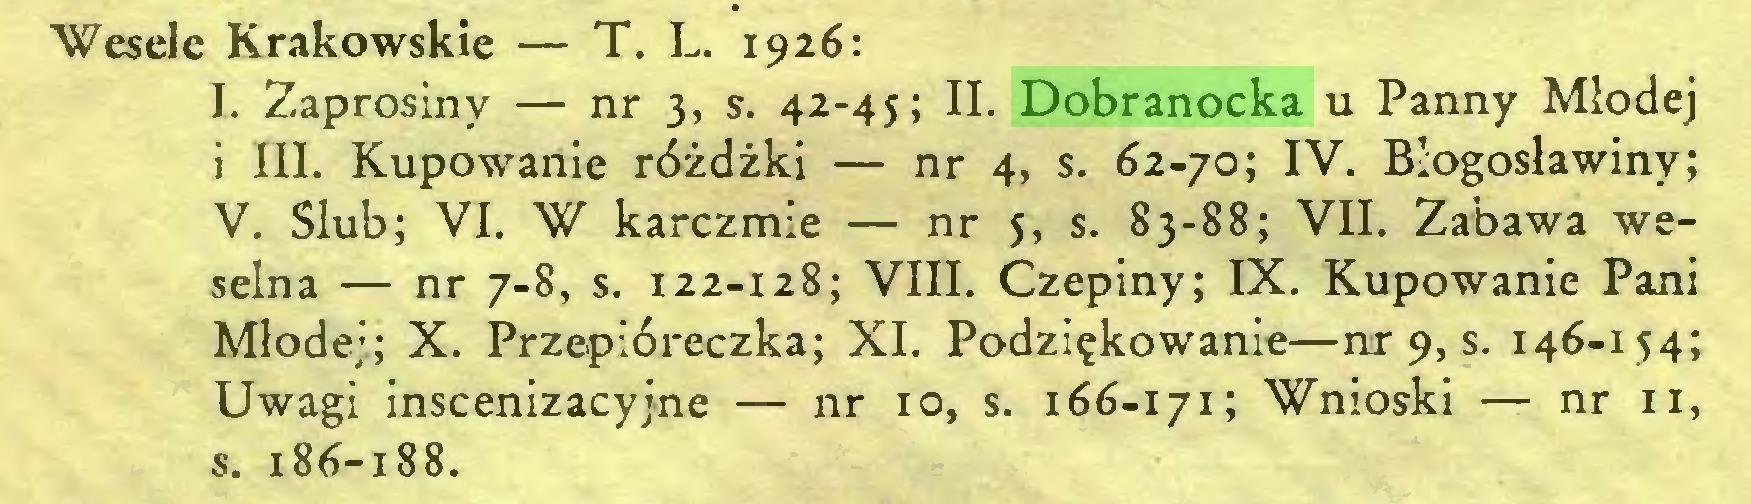 (...) Wesele Krakowskie — T. L. 1926: I. Zaprosiny — nr 3, s. 42-45; II. Dobranocka u Panny Młodej i III. Kupowanie różdżki — nr 4, s. 62-70; IV. Błogosławmy; V. Ślub; VI. W karczmie — nr 5, s. 83-88; VII. Zabawa weselna — nr 7-8, s. 122-128; VIII. Czepiny; IX. Kupowanie Pani Młodej; X. Przepióreczka; XI. Podziękowanie—nr 9, s. 146-154; Uwagi inscenizacyjne — nr 10, s. 166-171; Wnioski — nr 11, s. 186-188...